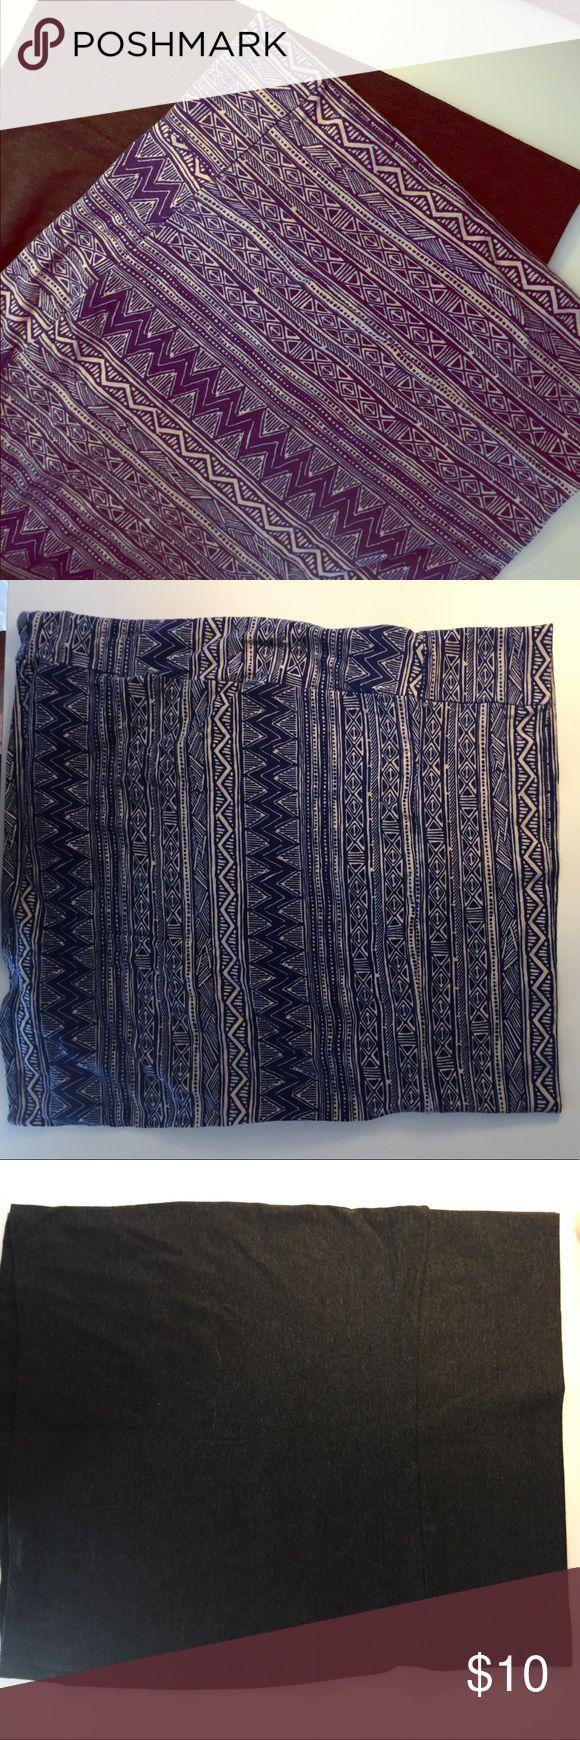 Cotton Skirts Bundle Charlotte Rousse cotton pencil skirts Charlotte Russe Skirts Pencil